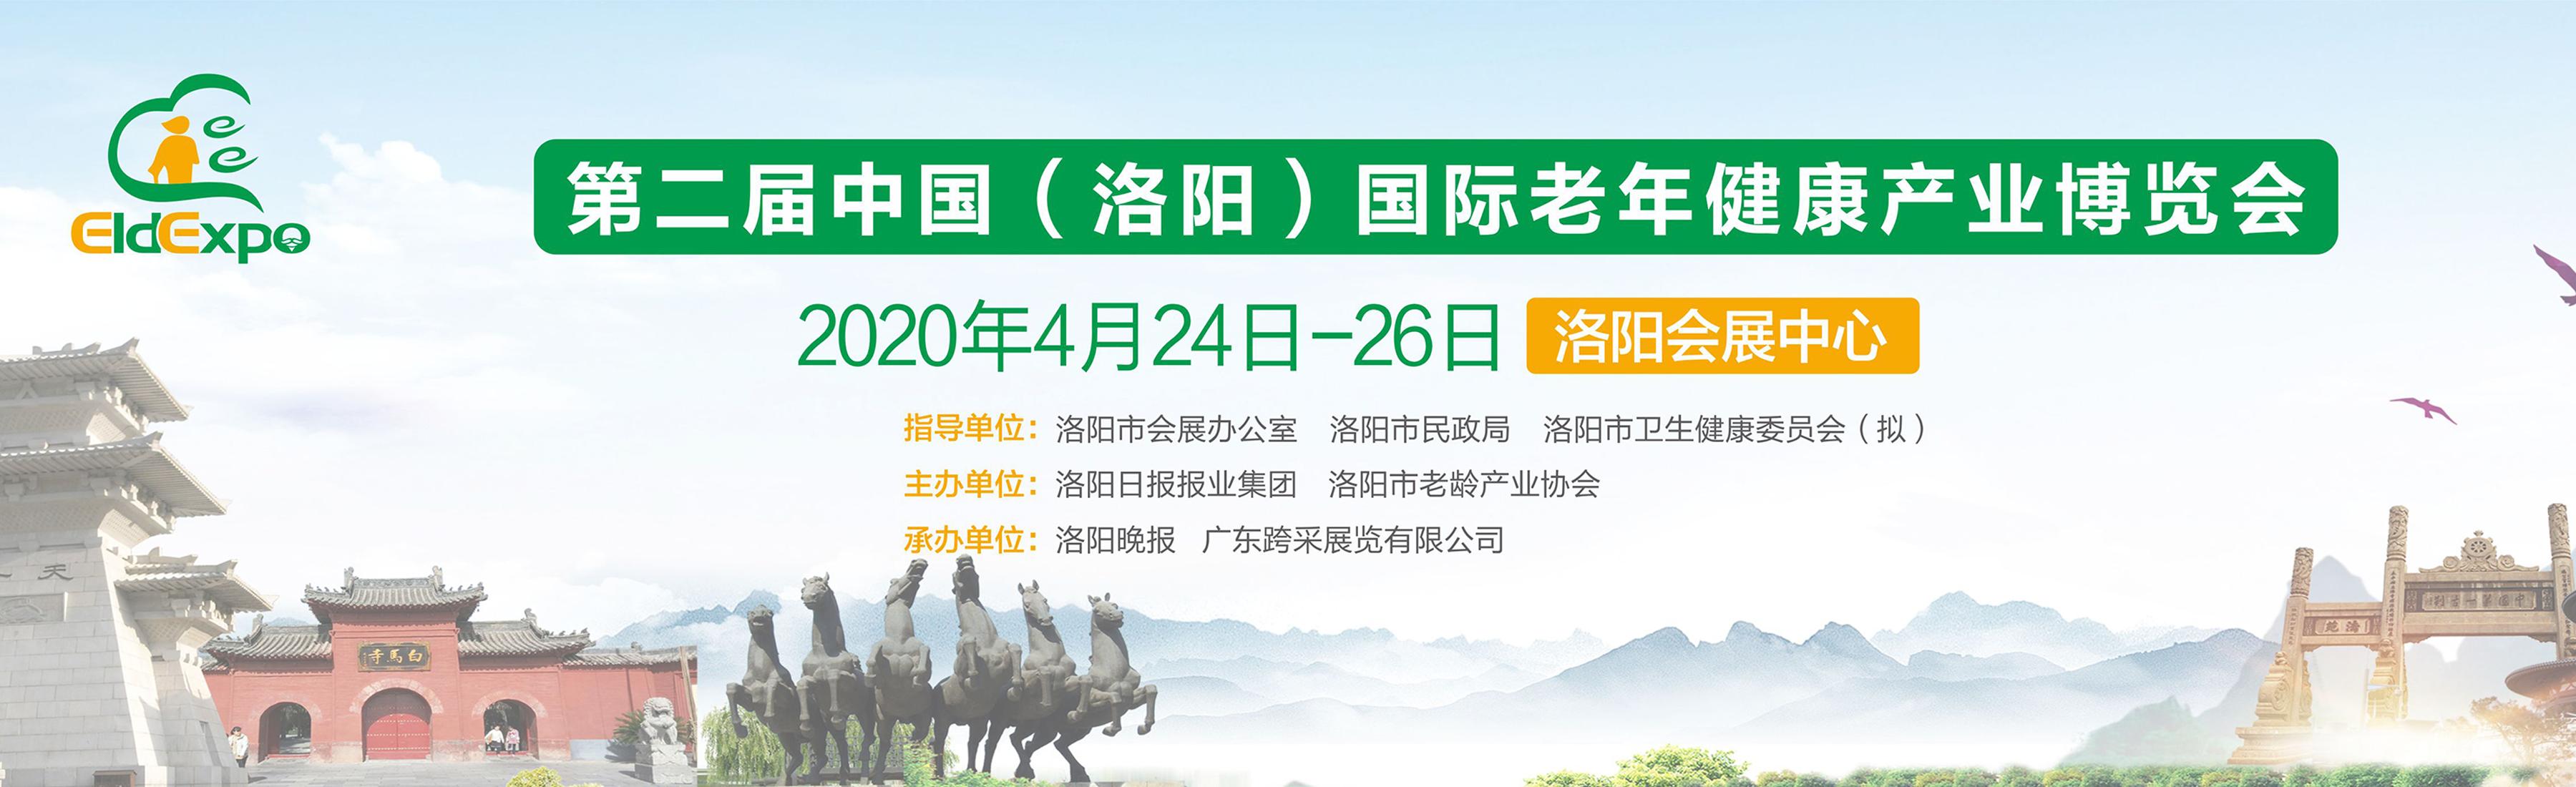 2020洛阳老博会